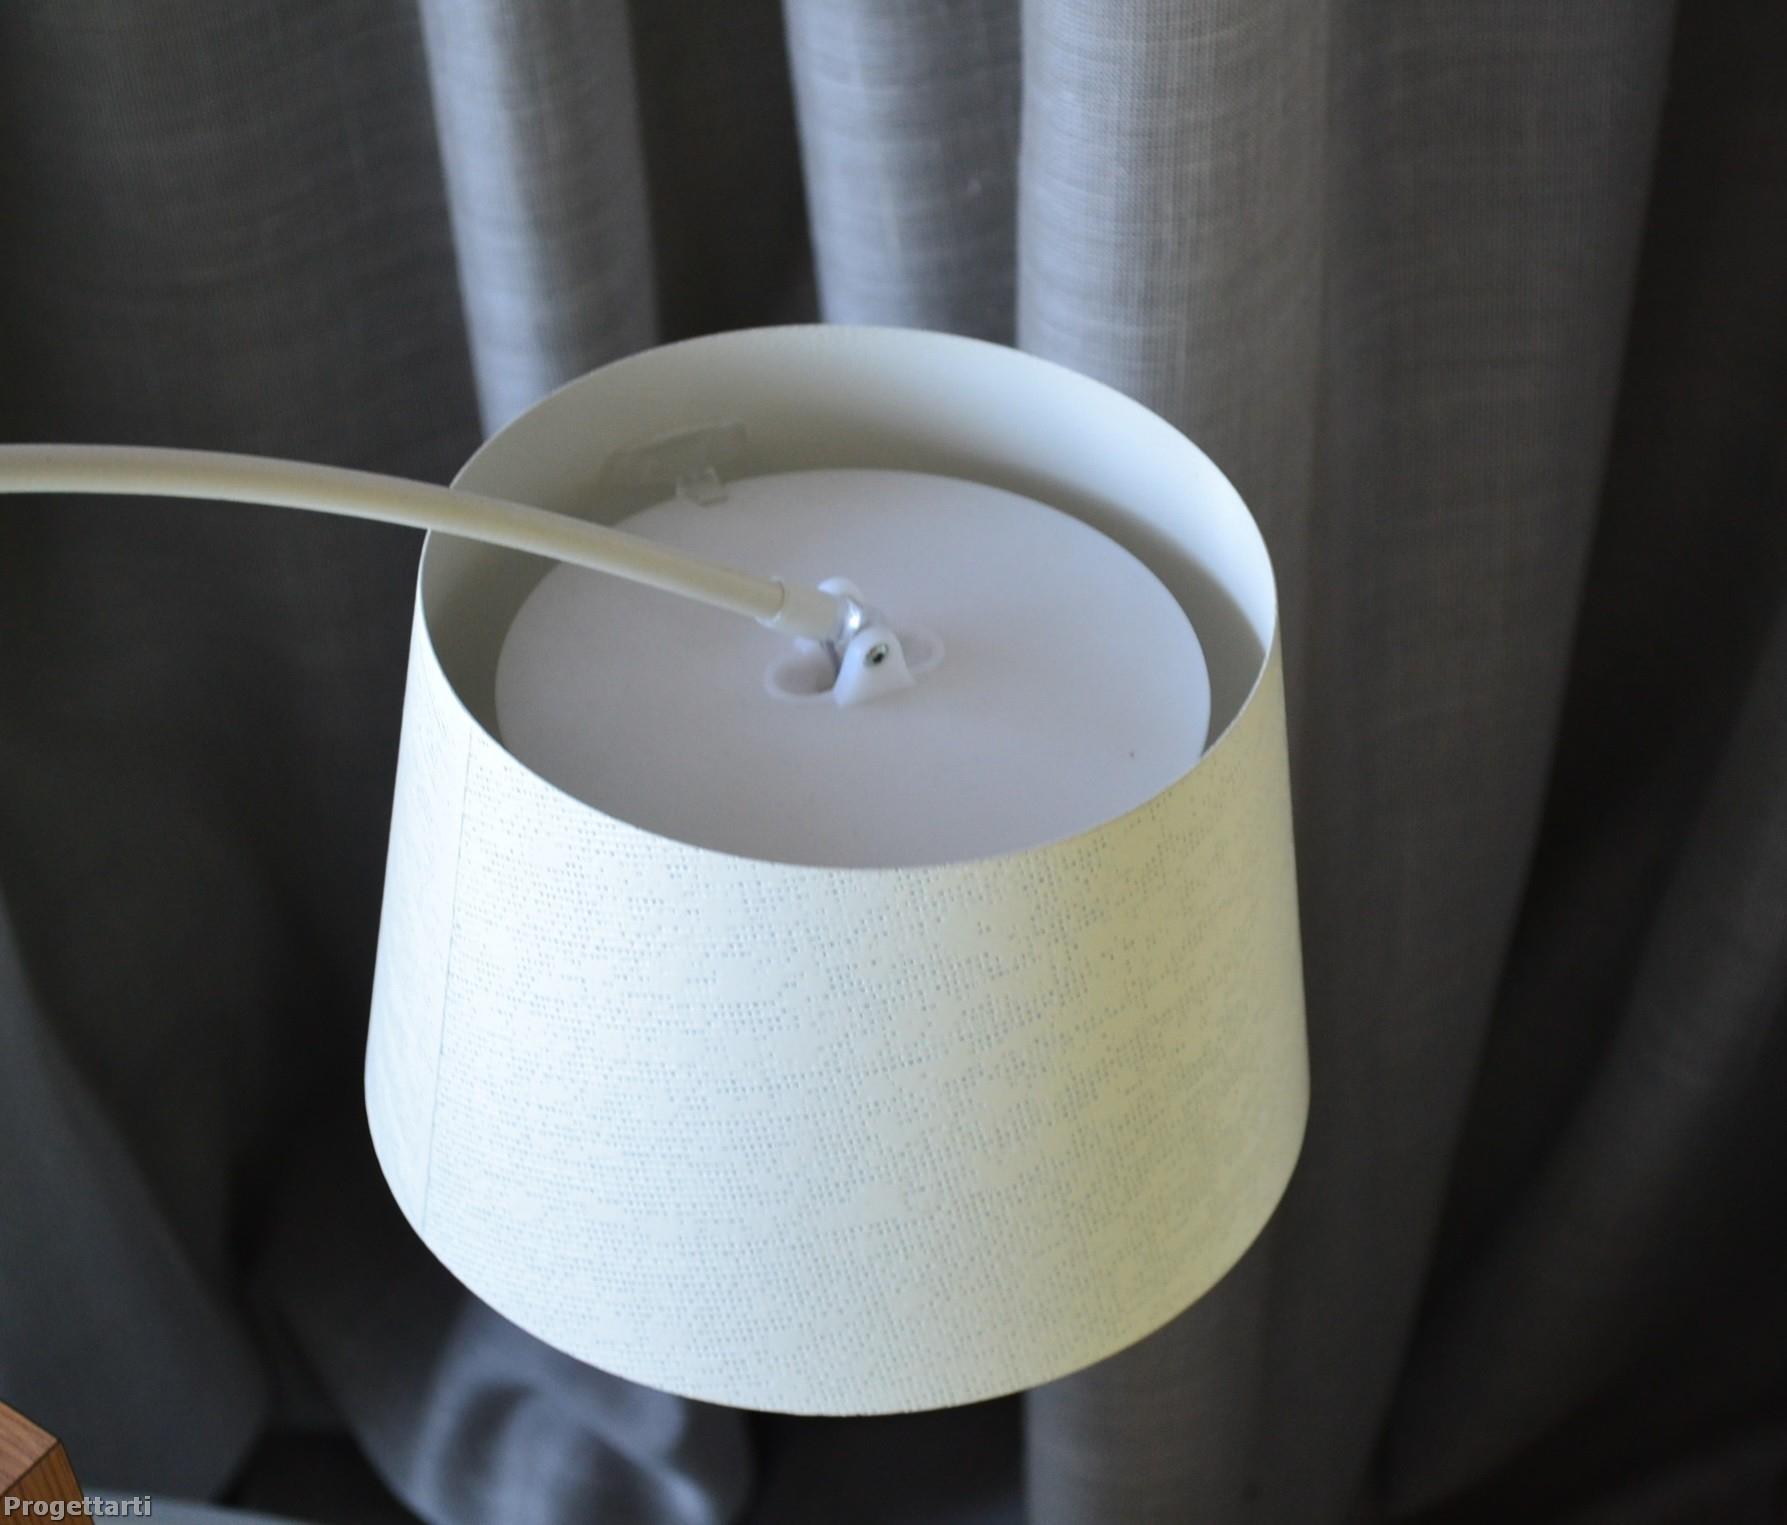 Luce tavolo twiggy foscarini illuminazione a prezzi scontati for Luce da tavolo